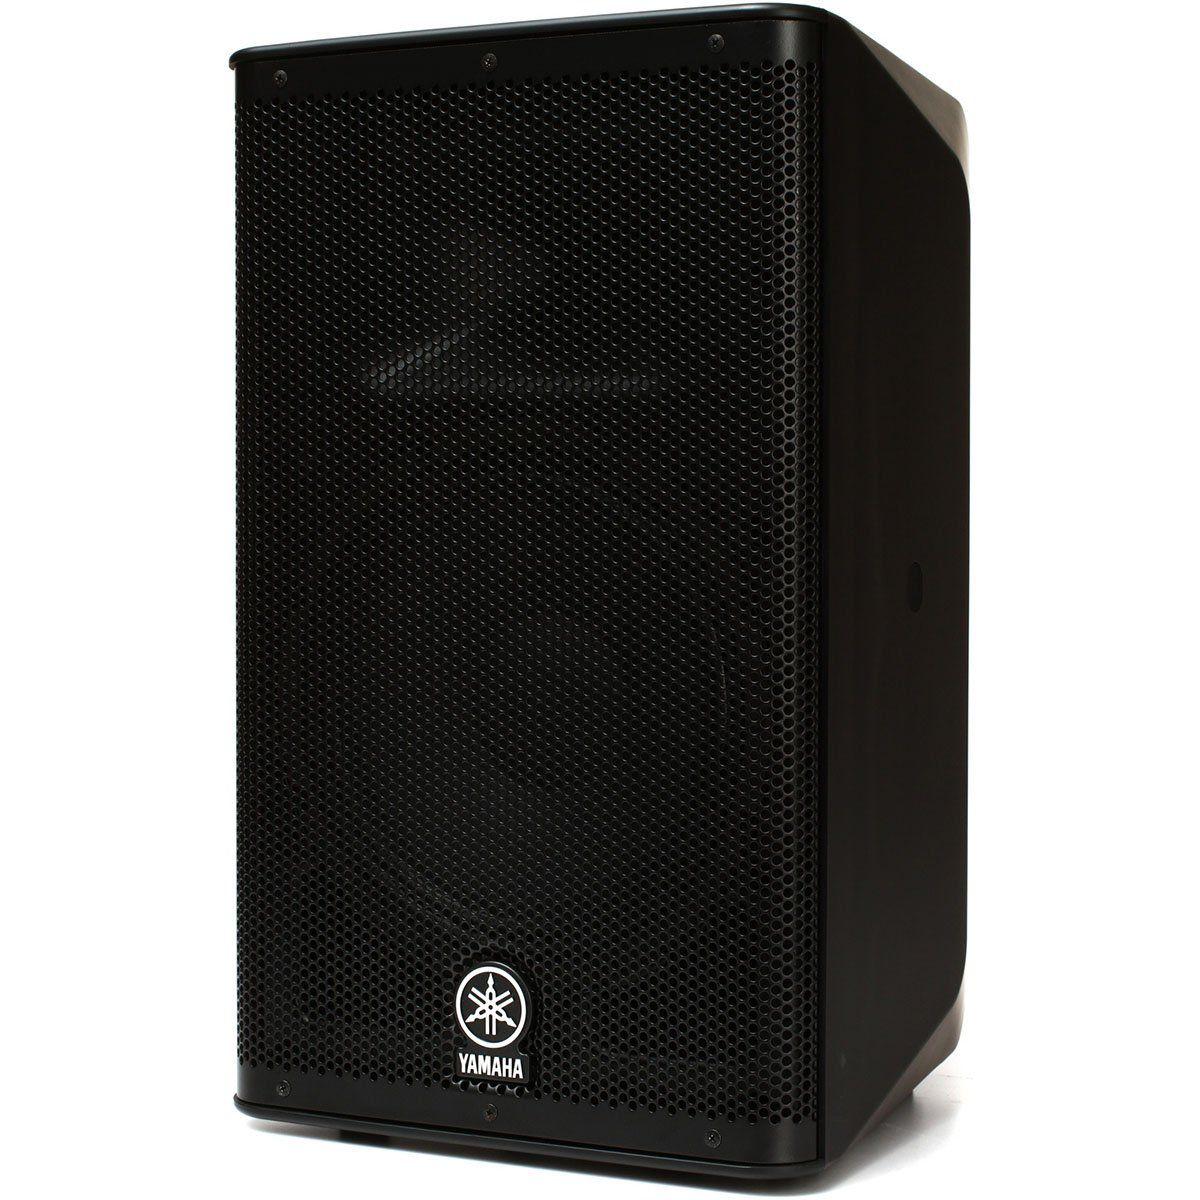 Yamaha DXR10 Caixa de Som DXR-10 Acústica Ativa 700W Amplificação para Voz